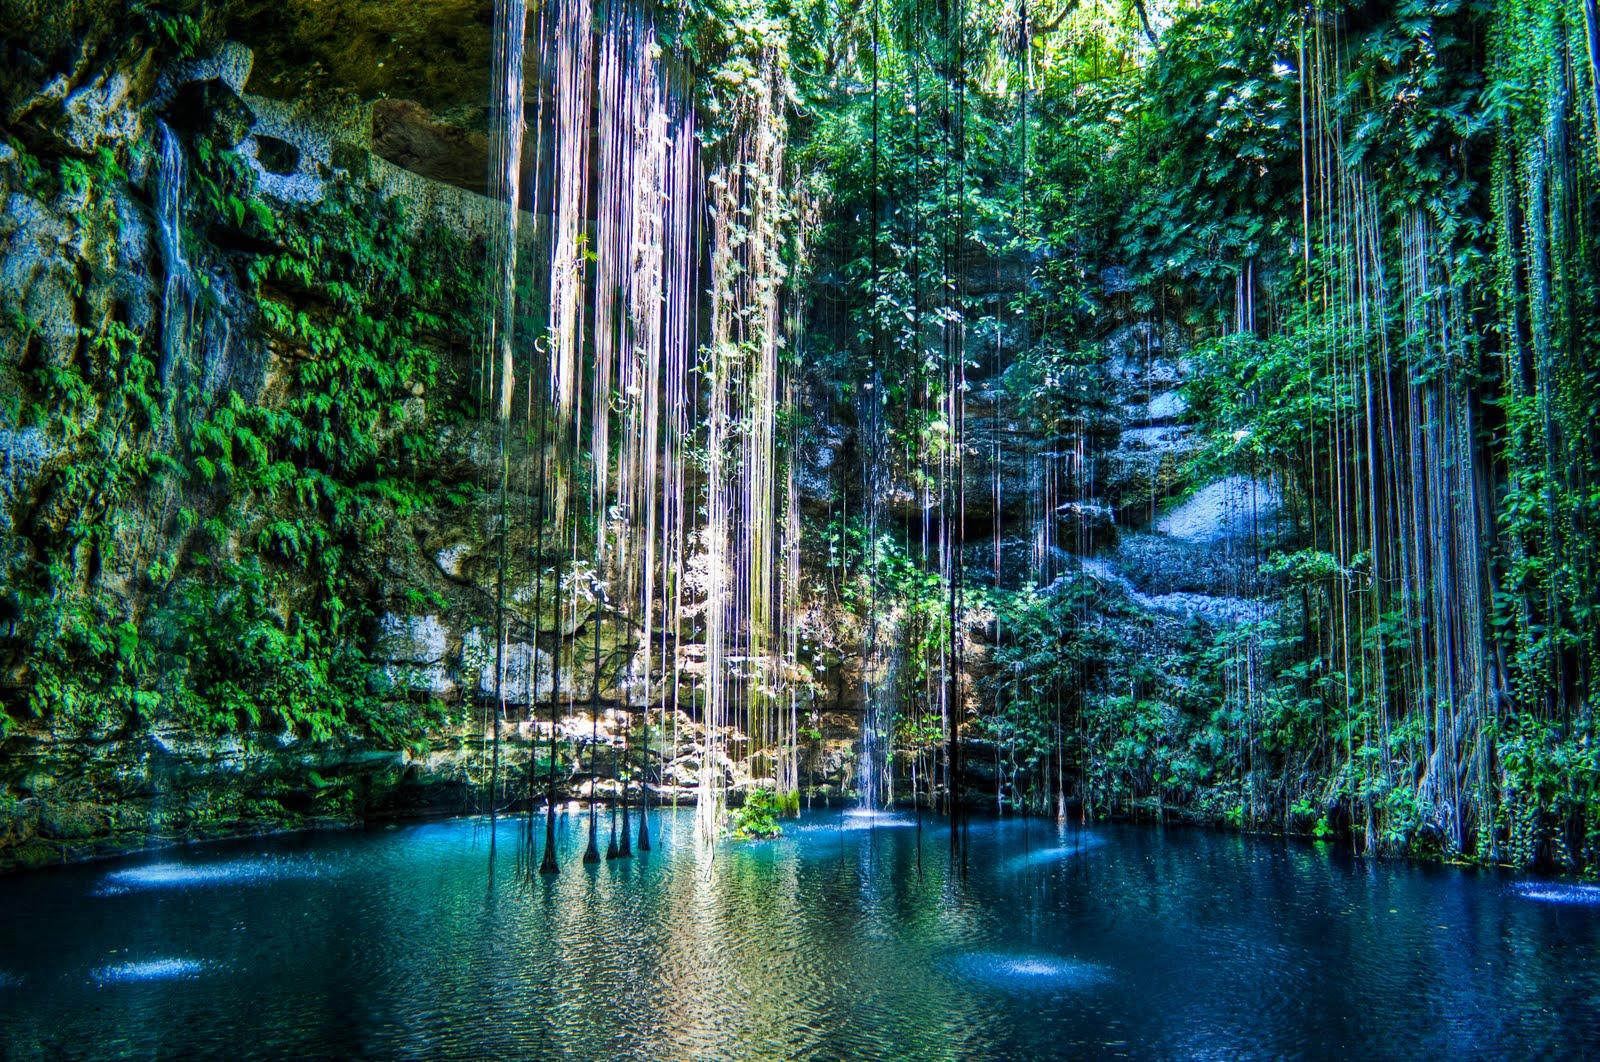 Cenotes in Yucatán Peninsula, Mexico